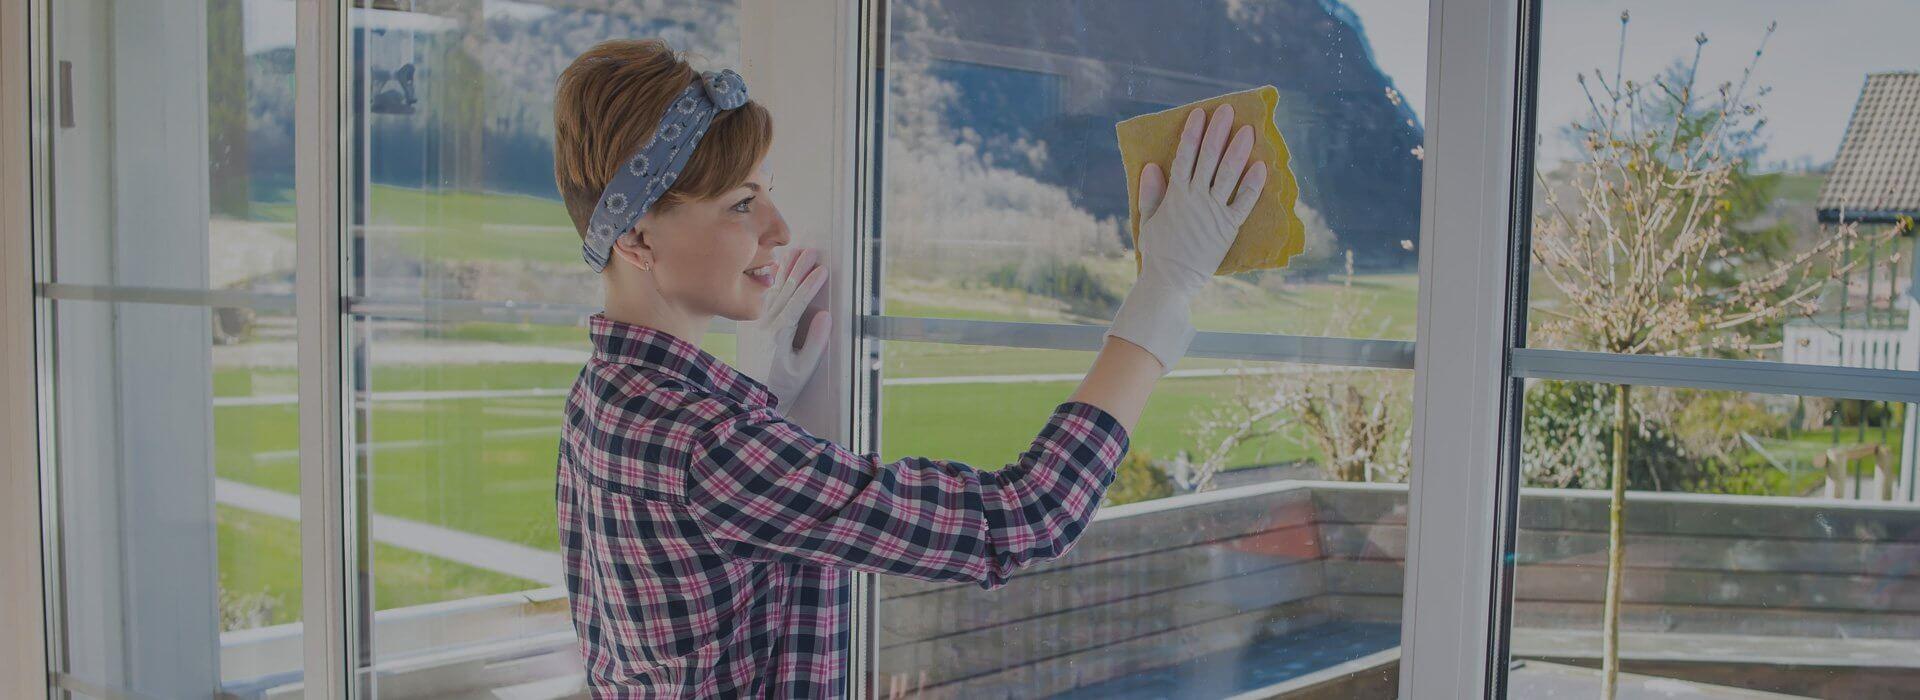 девушка моет окно